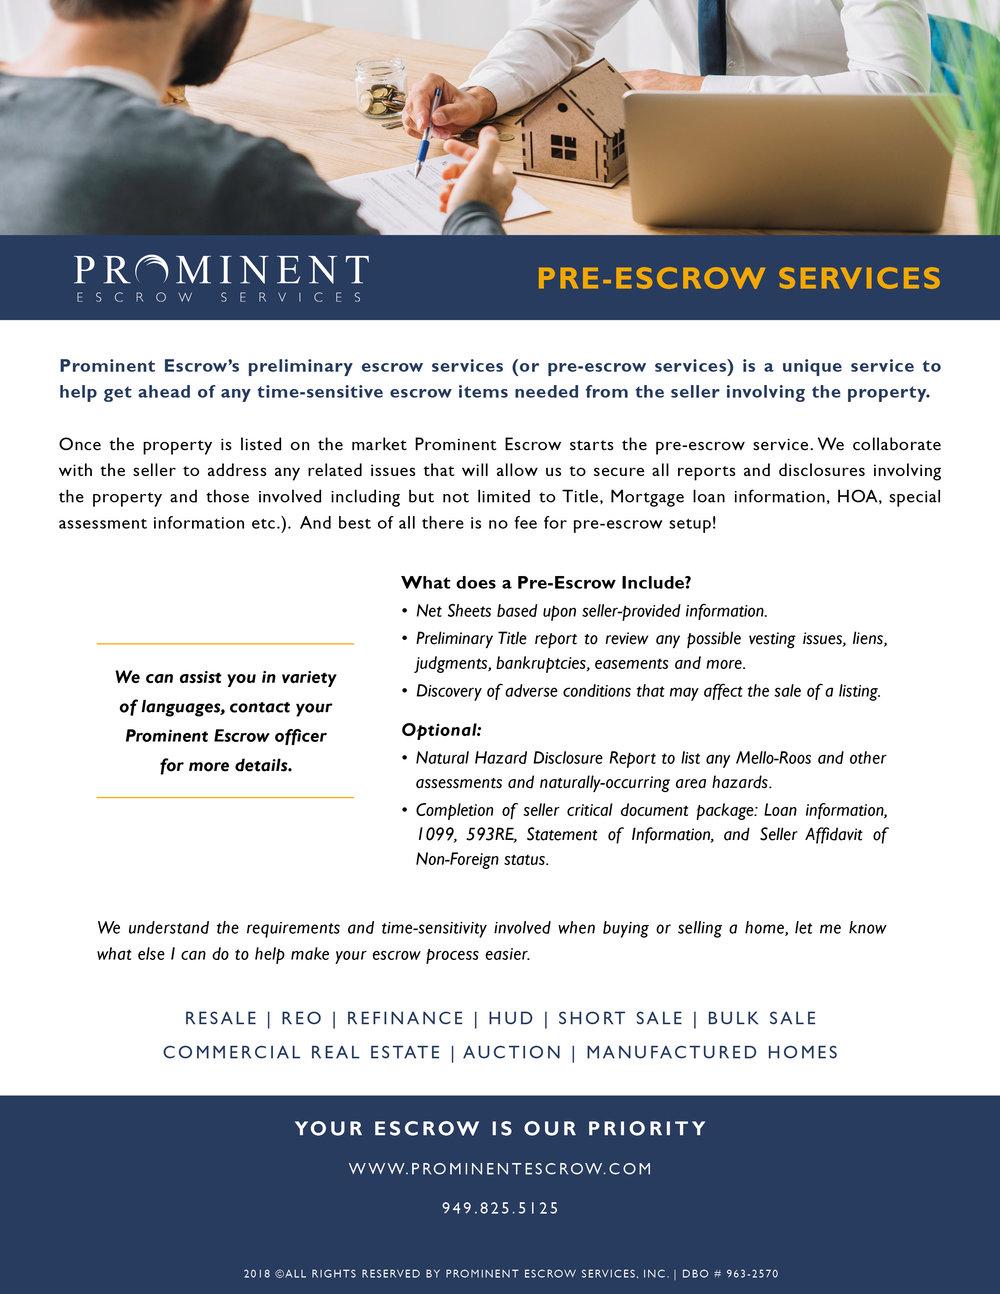 Pre-Escrow Services